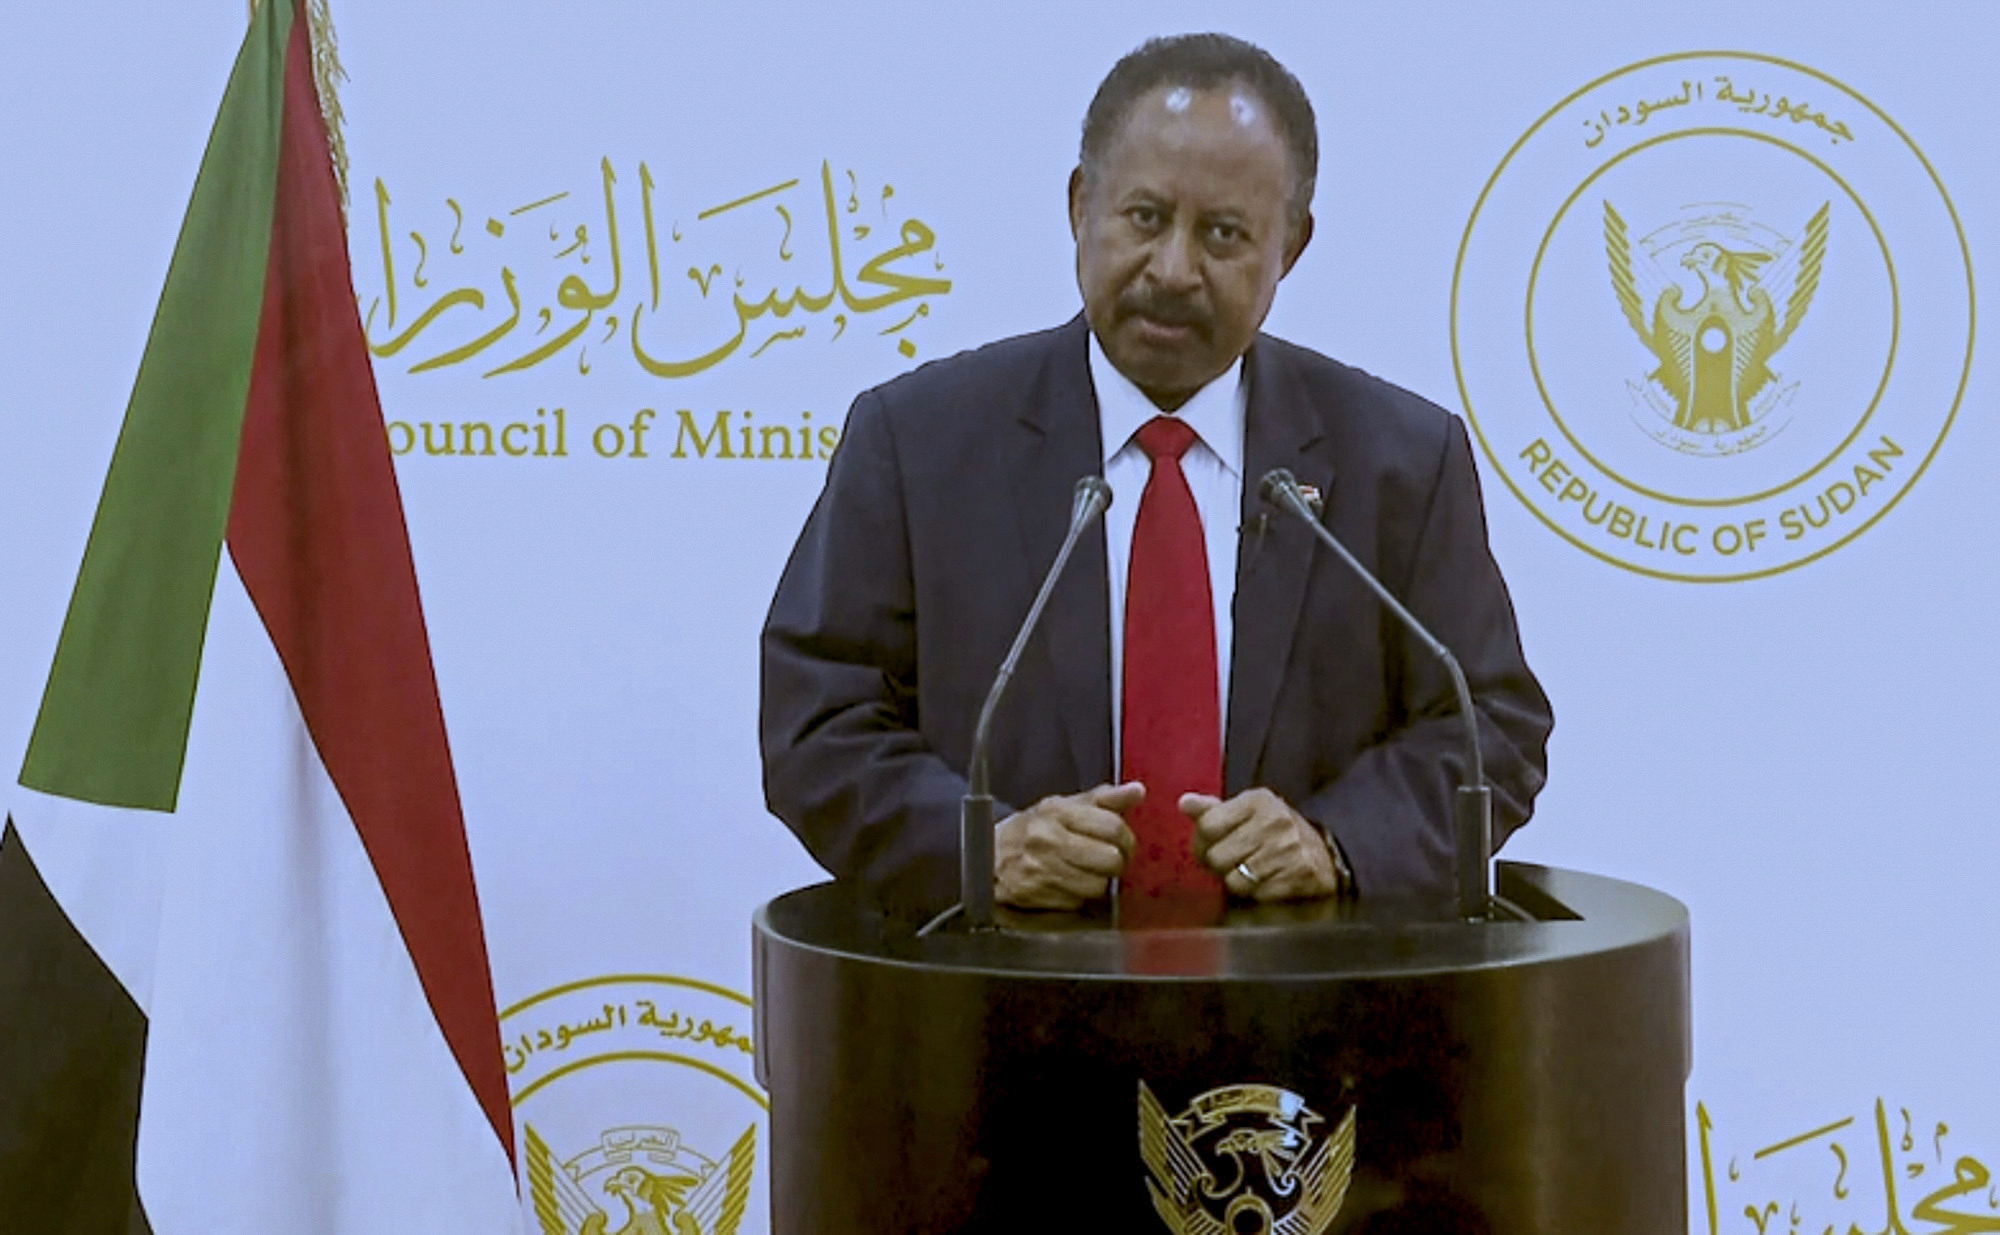 Abdalla Adam Hamdok, Prime Minister of the Sudan